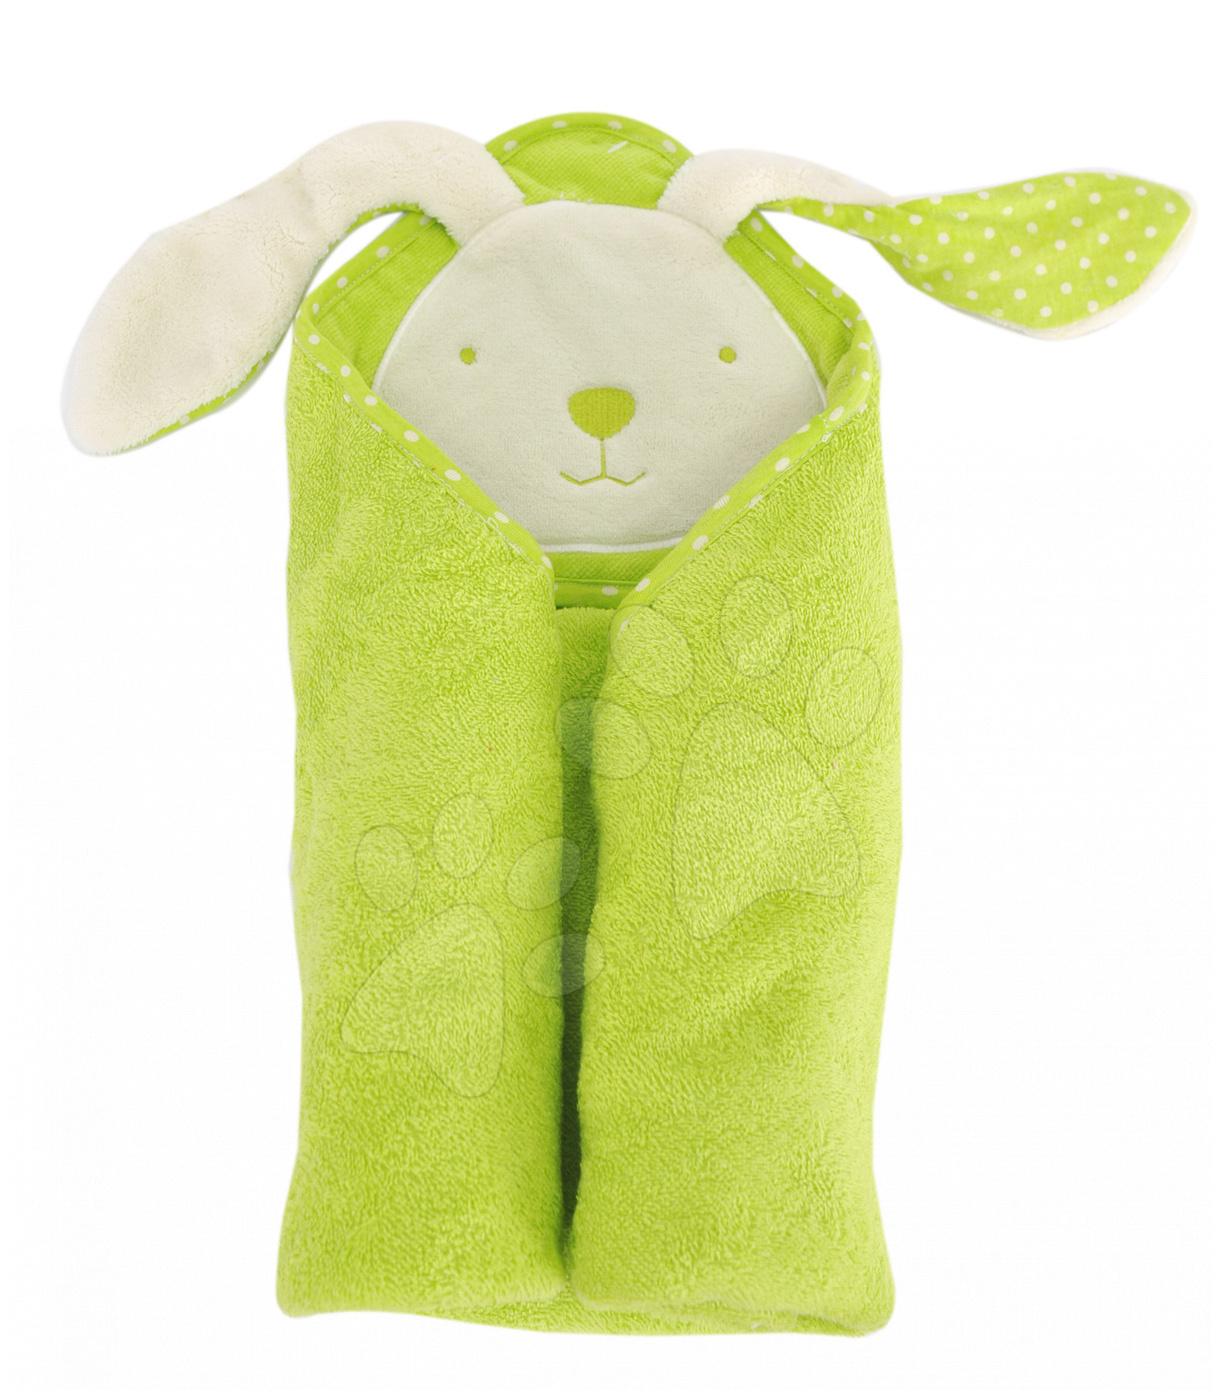 Osuška s kapucí pro nejmenší toTs-smarTrike zajíček 100% přírodní bavlna zelená od 0 měsíců